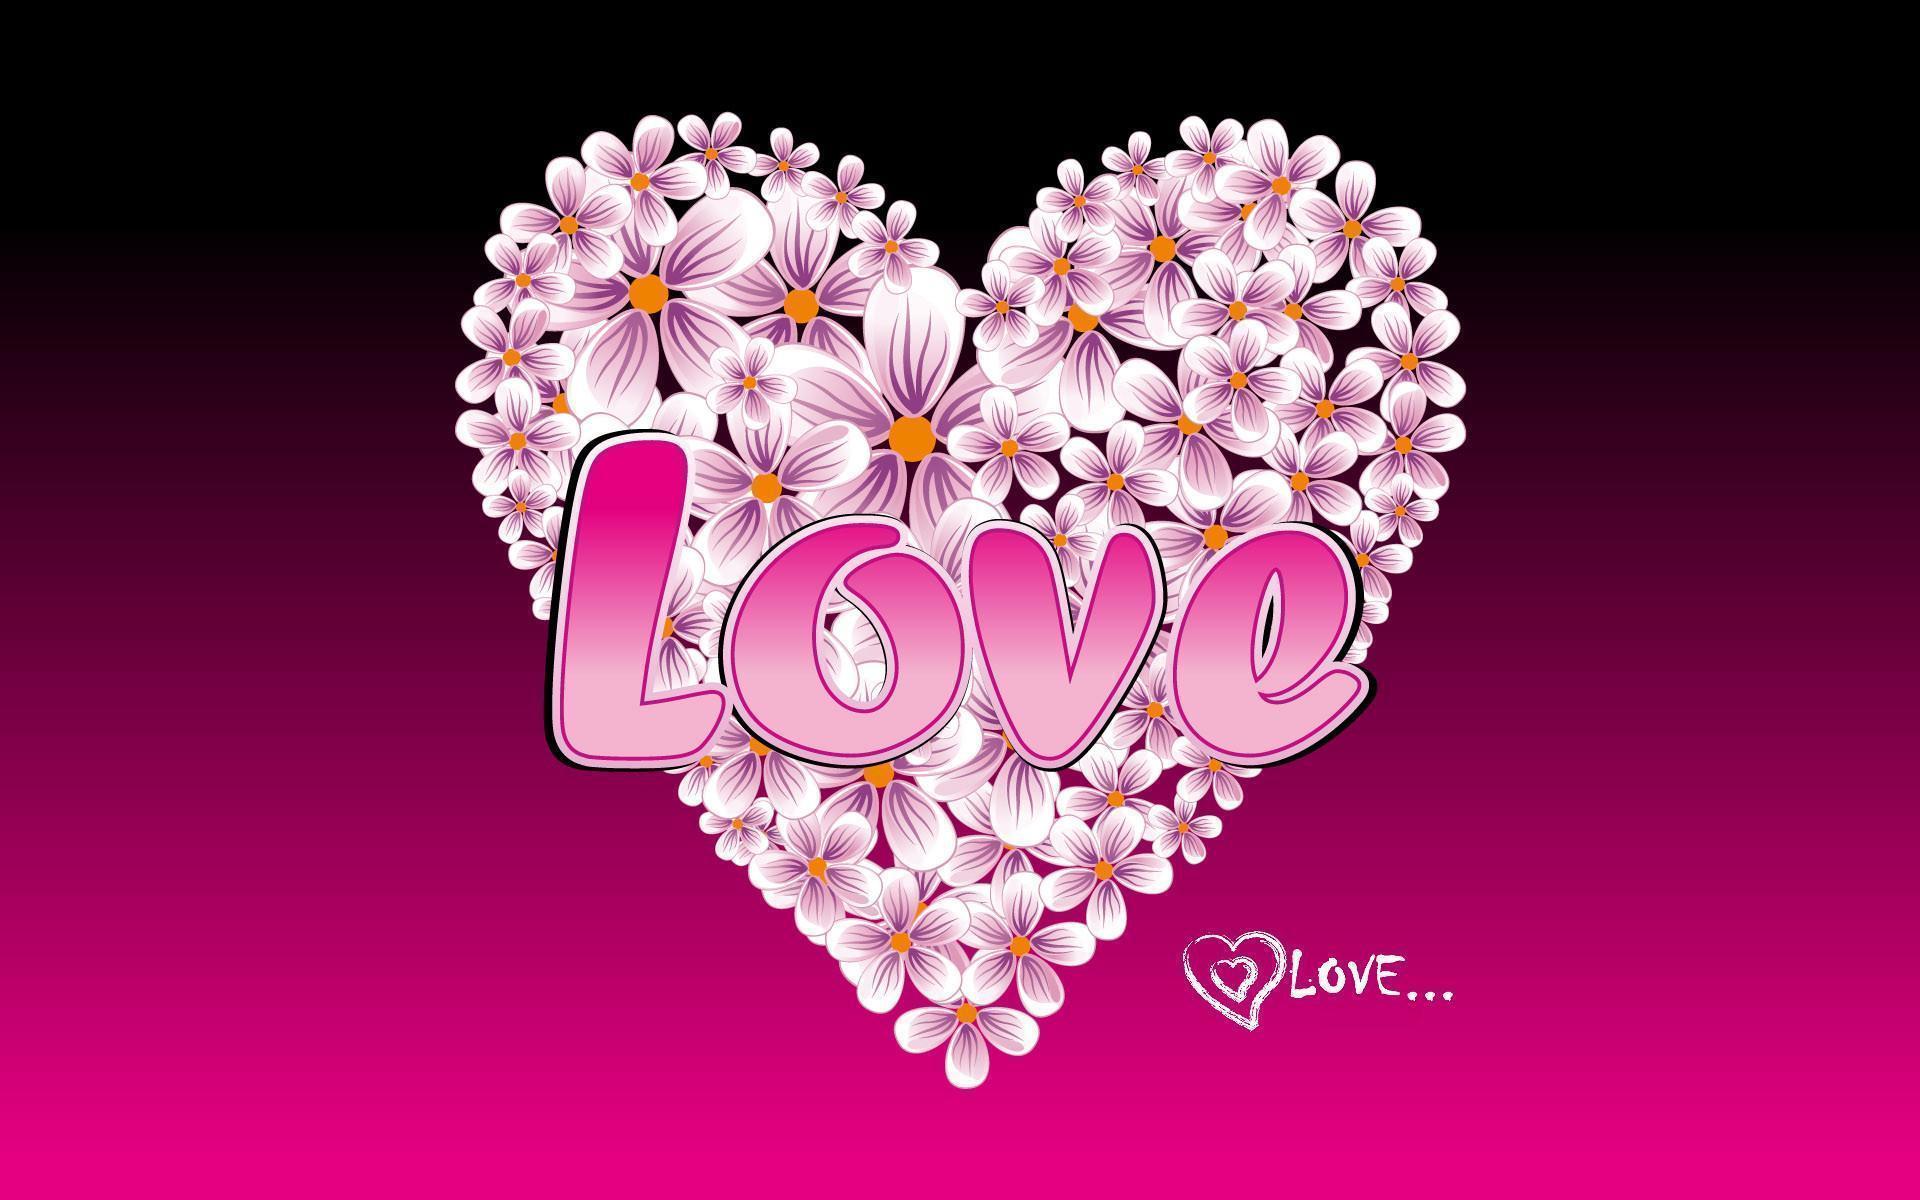 Metal Heart Wallpaper Pink Rose Simi 276 Full HD